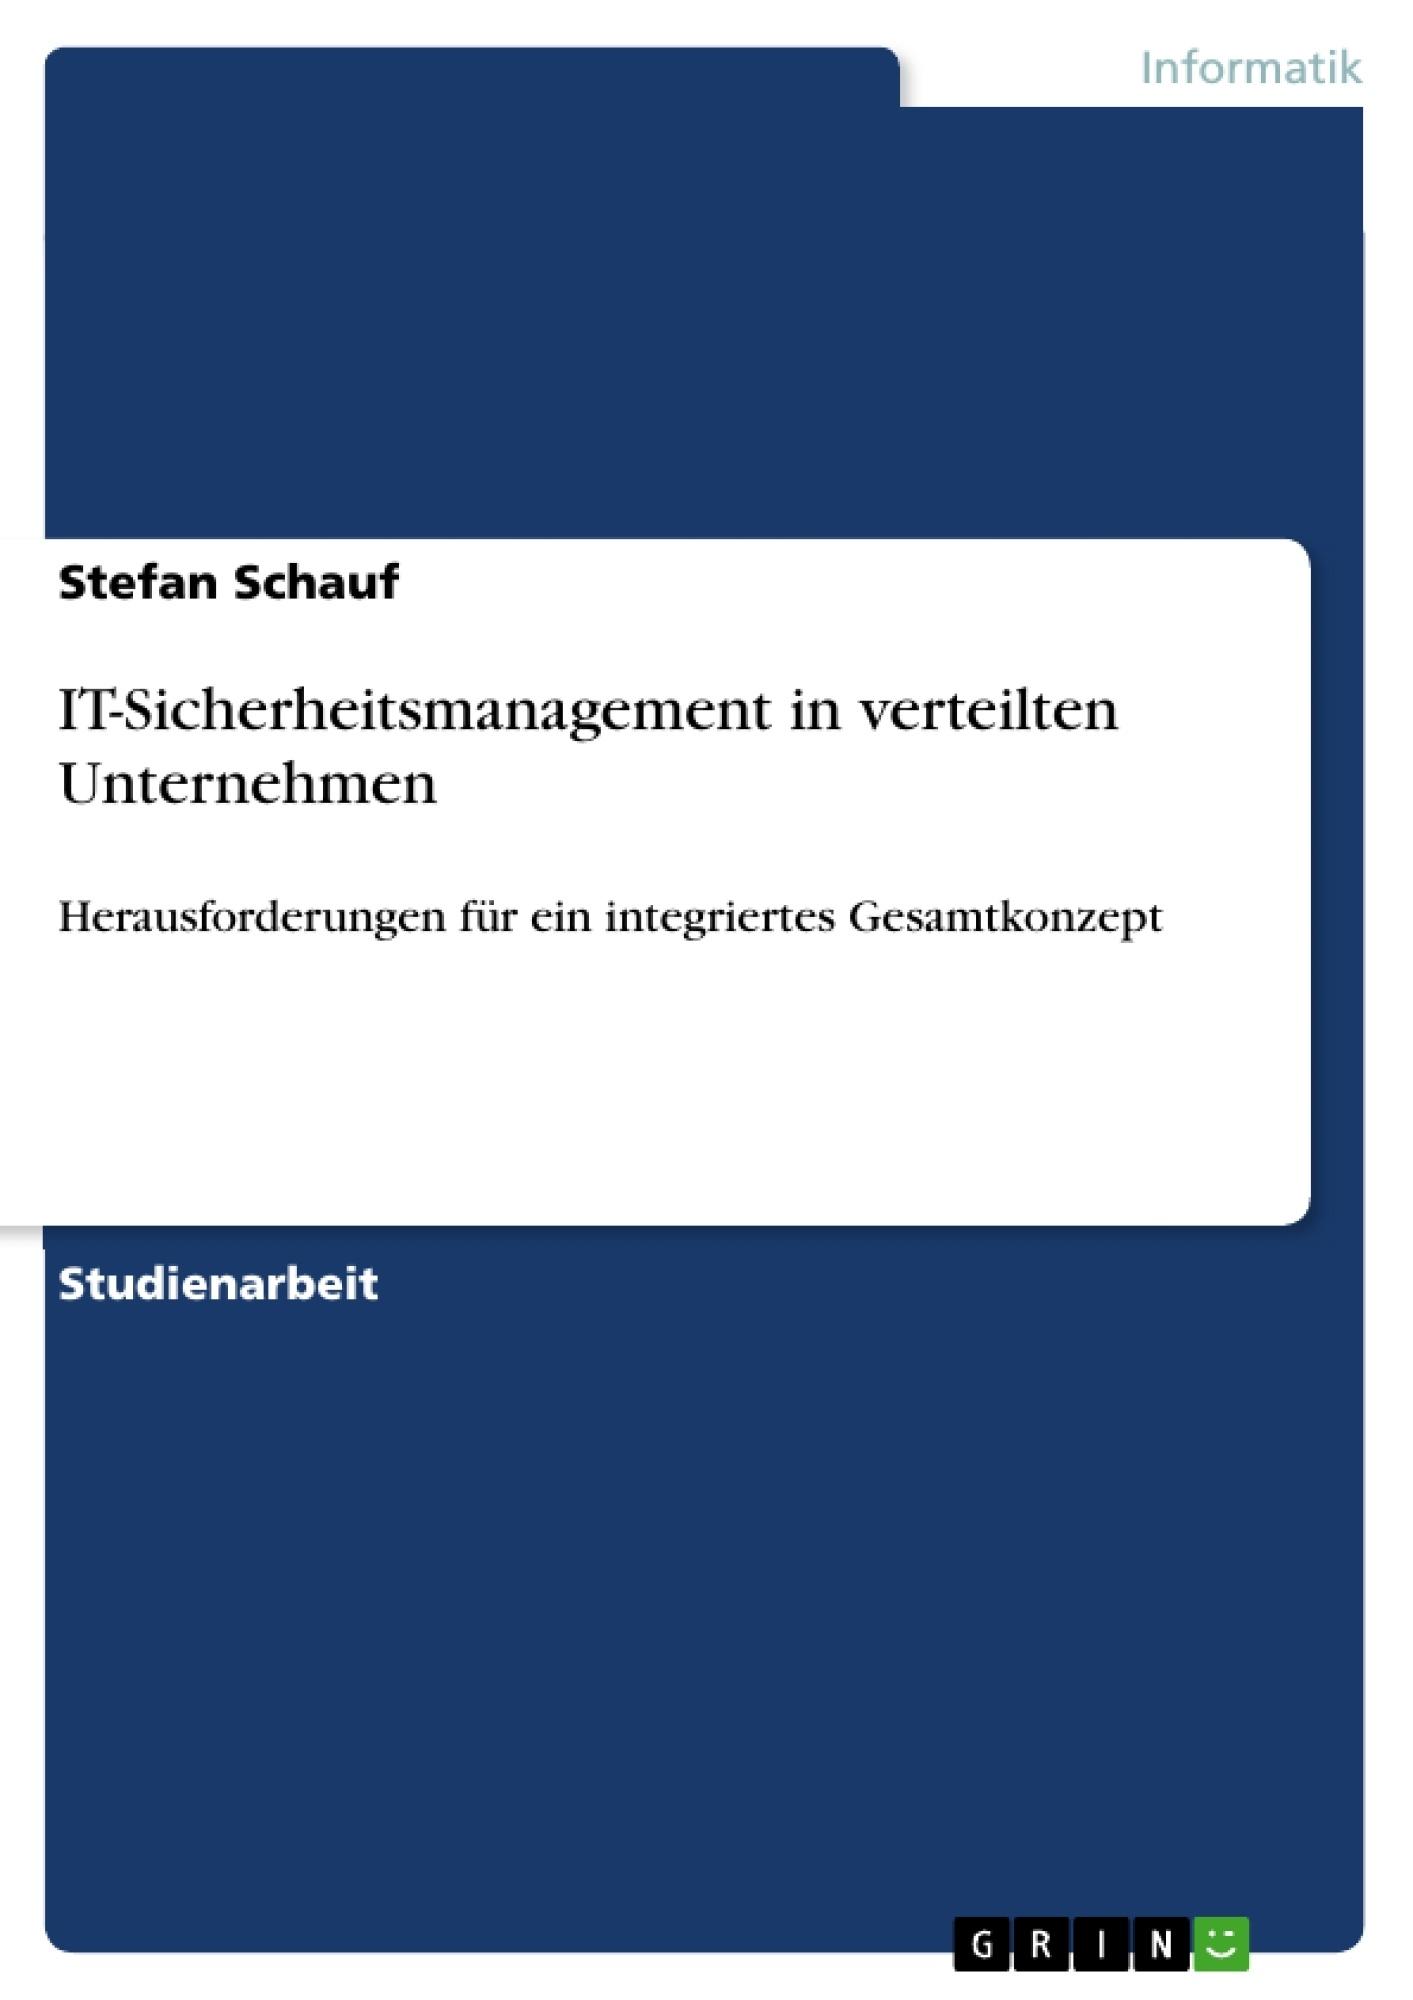 Titel: IT-Sicherheitsmanagement in verteilten Unternehmen